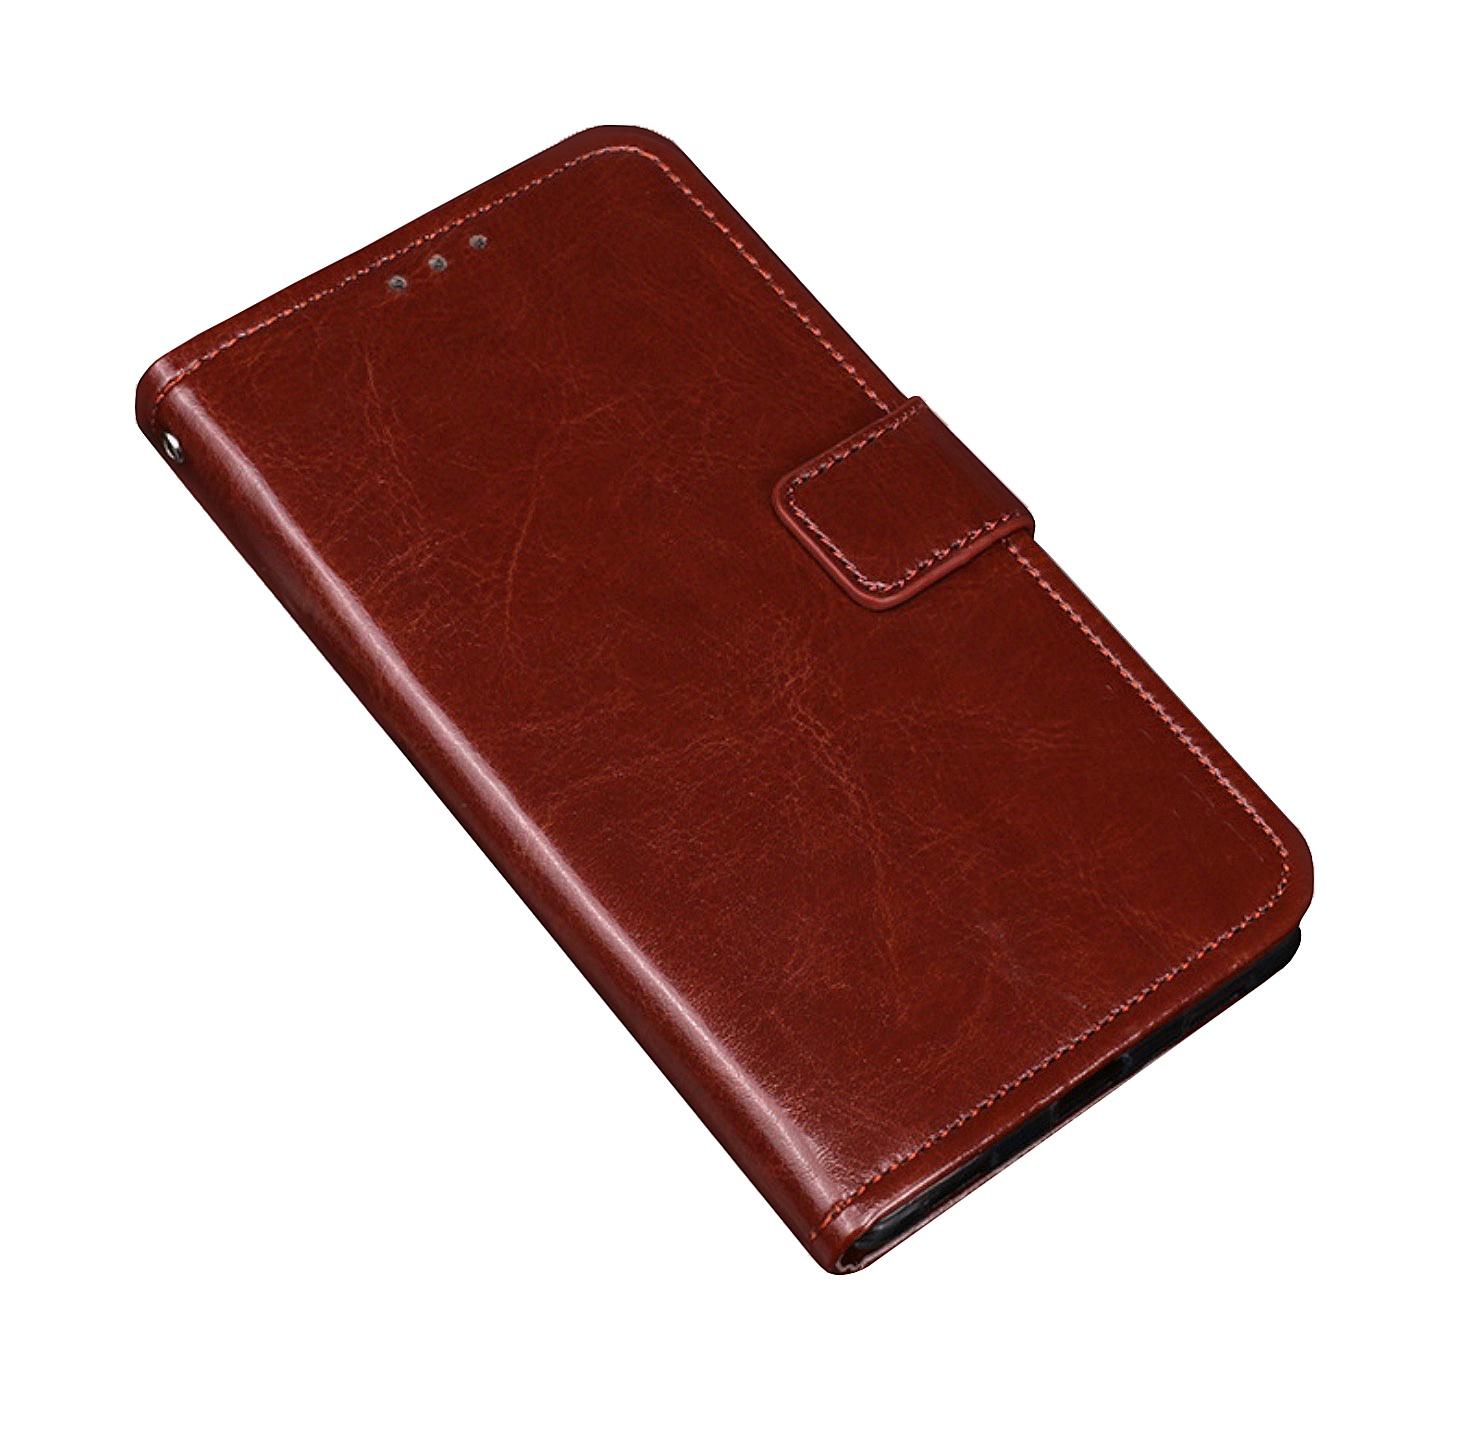 Фирменный чехол-книжка из качественной импортной кожи с мульти-подставкой застёжкой и визитницей для Huawei Enjoy 6S / Nova Smart 5.0/Huawei Honor 6C коричневый MyPads